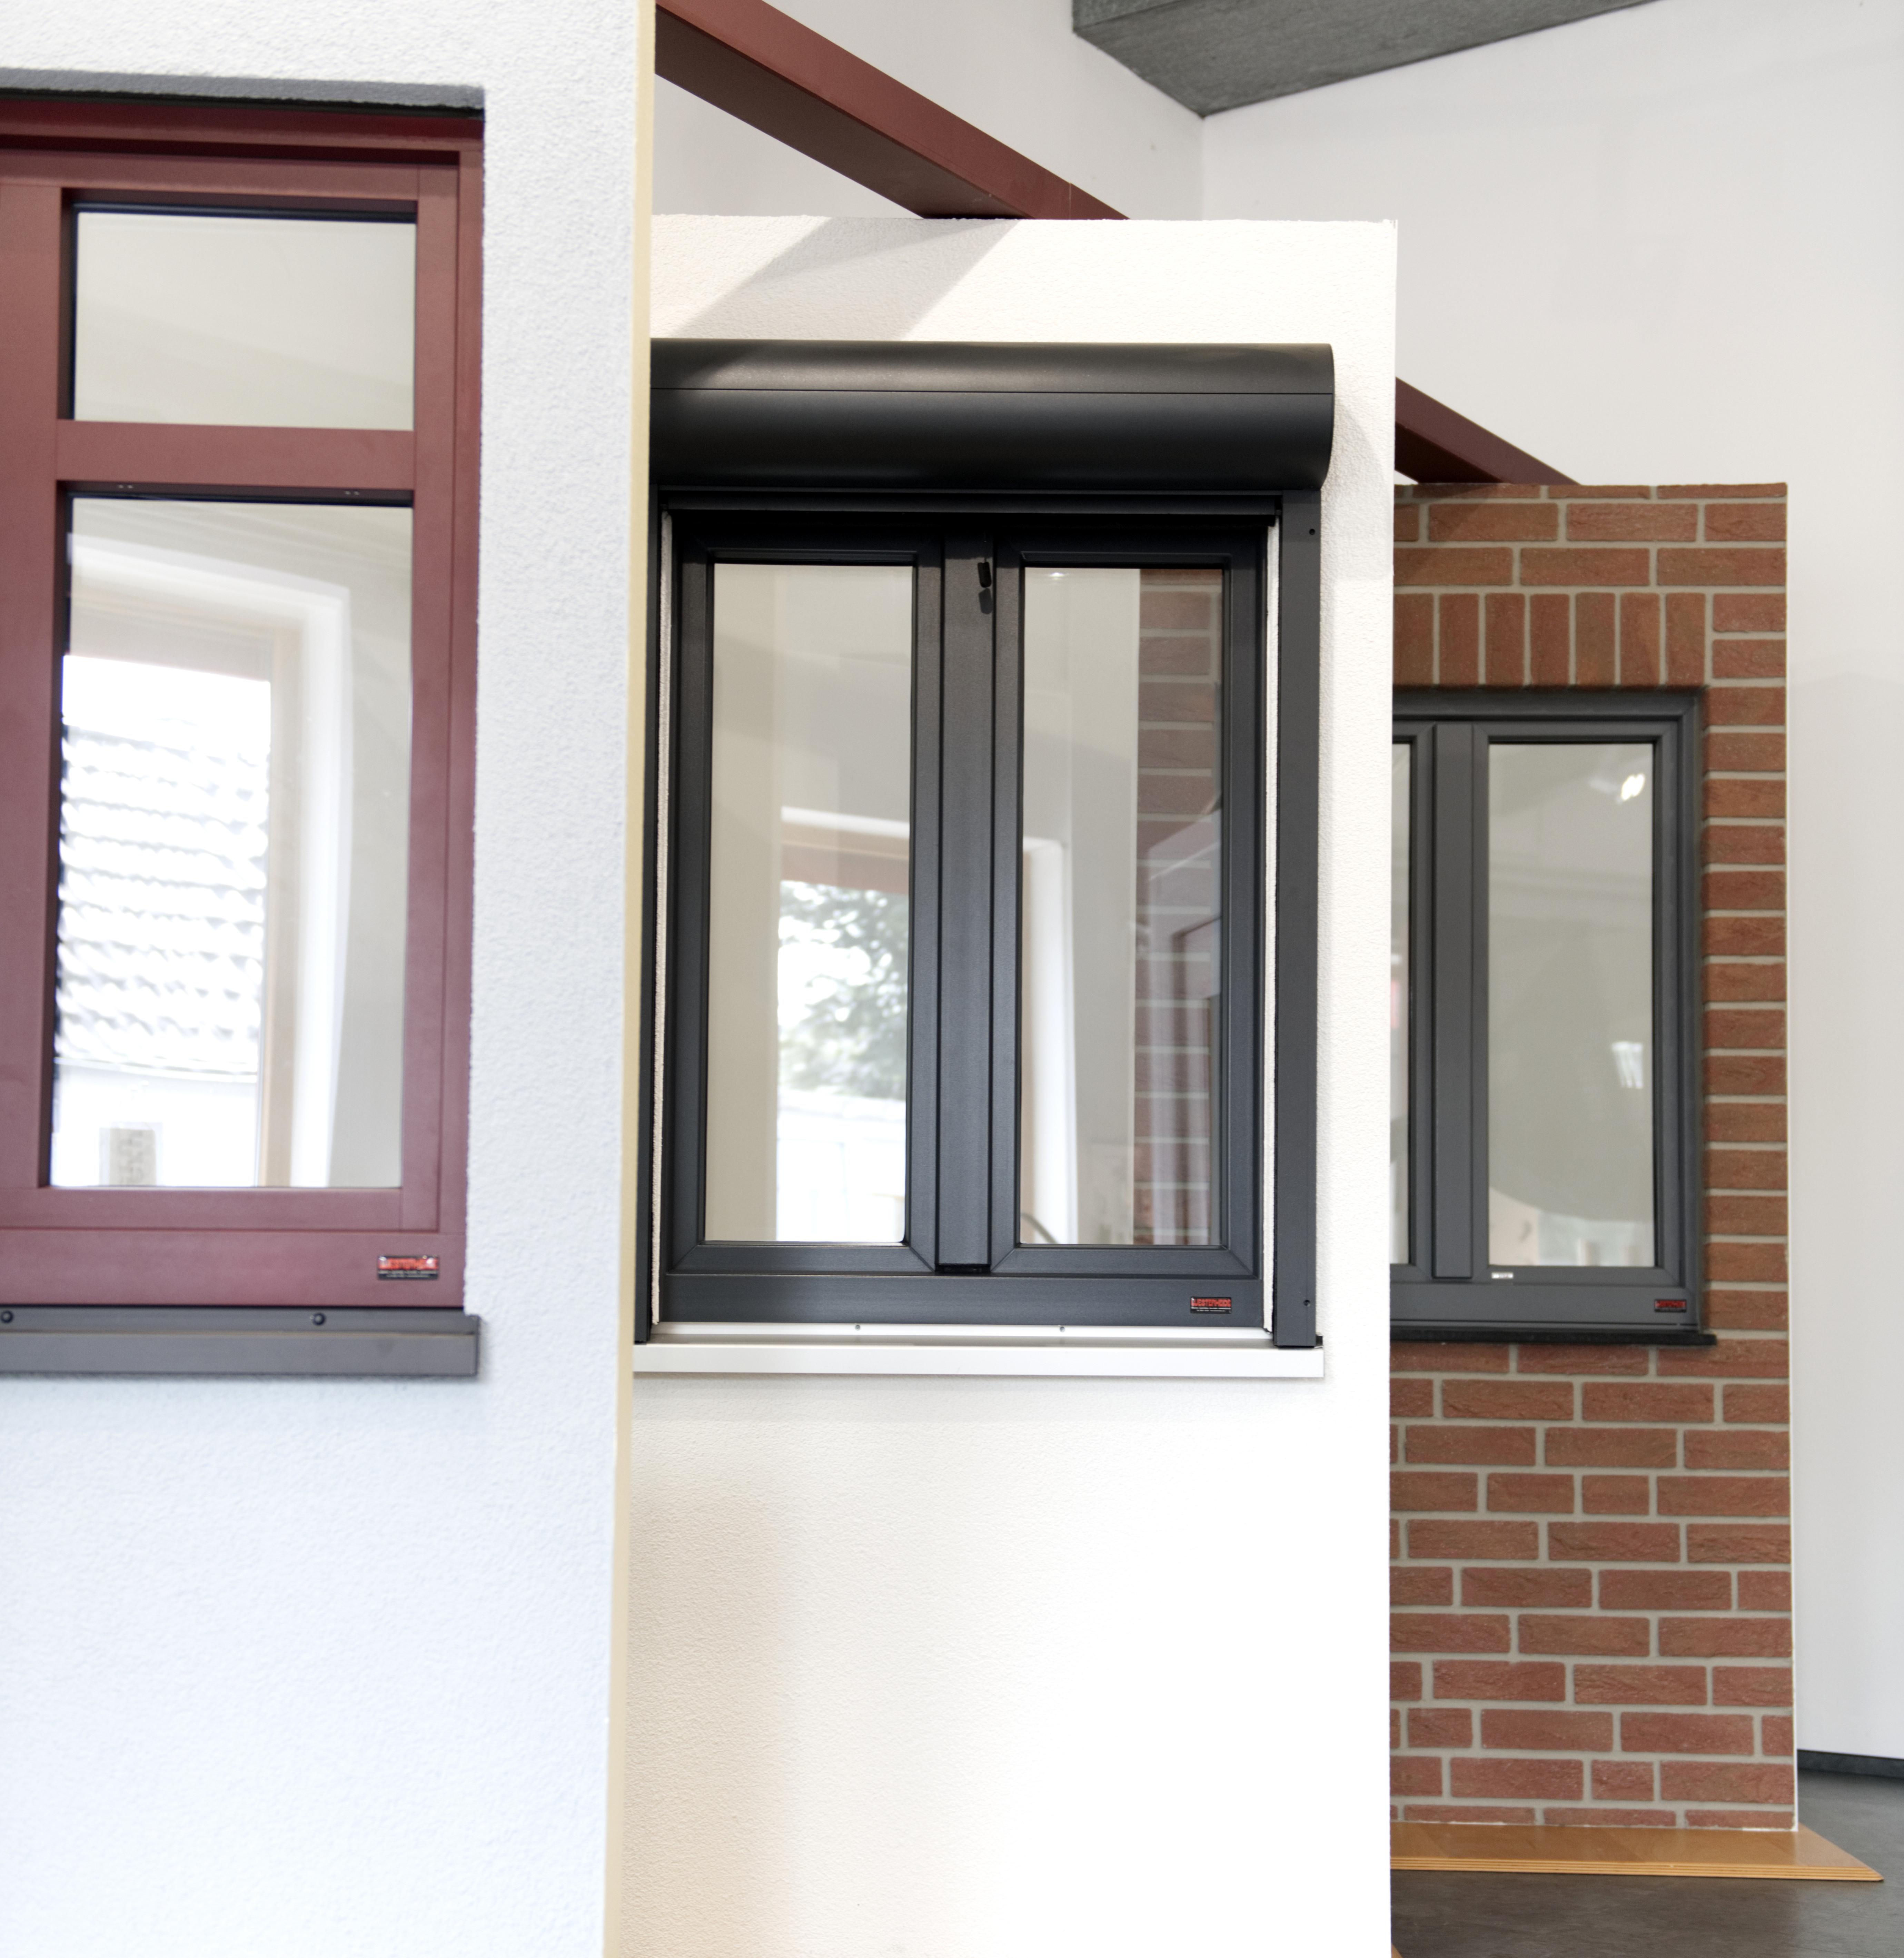 Fenster von Weru, Unilux, zwei m und Schüco | Westerheide